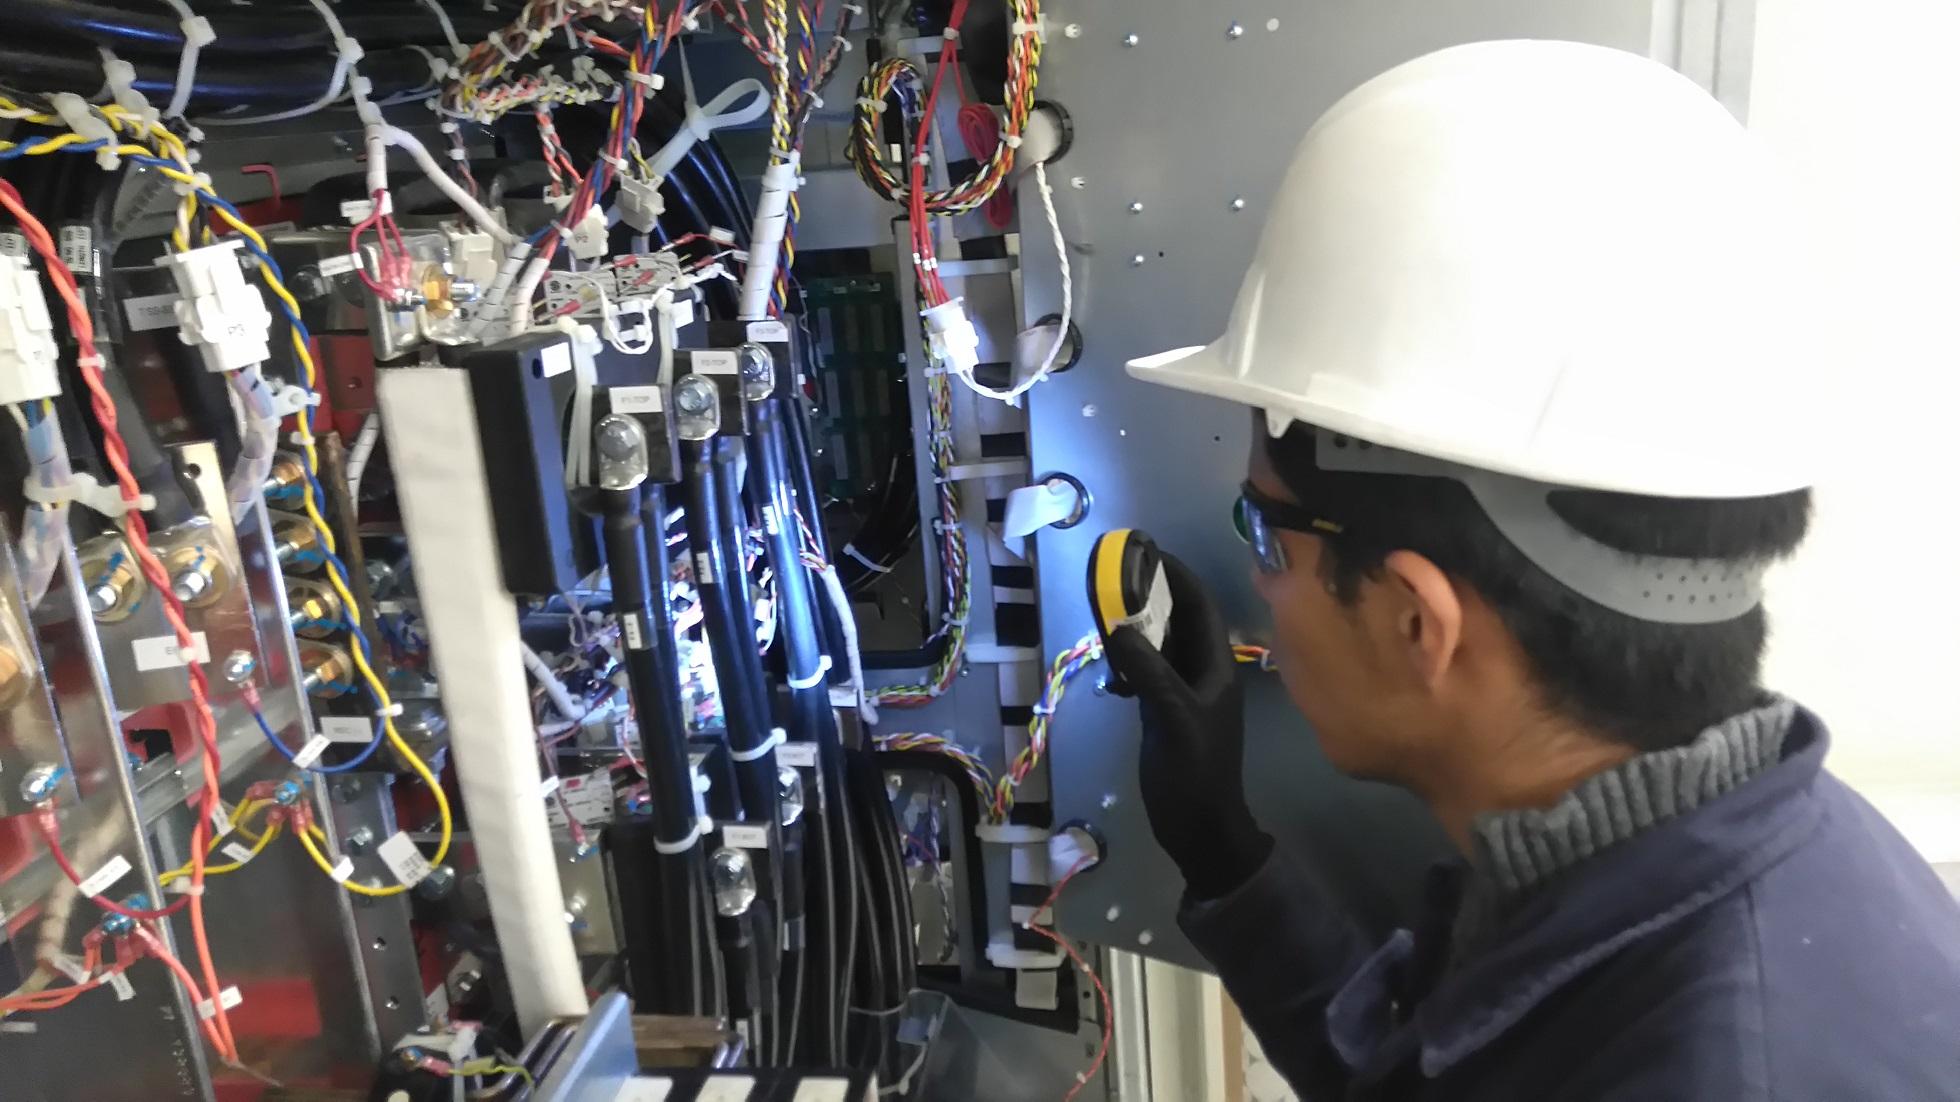 Servicio-de-mantenimiento-a-UPS